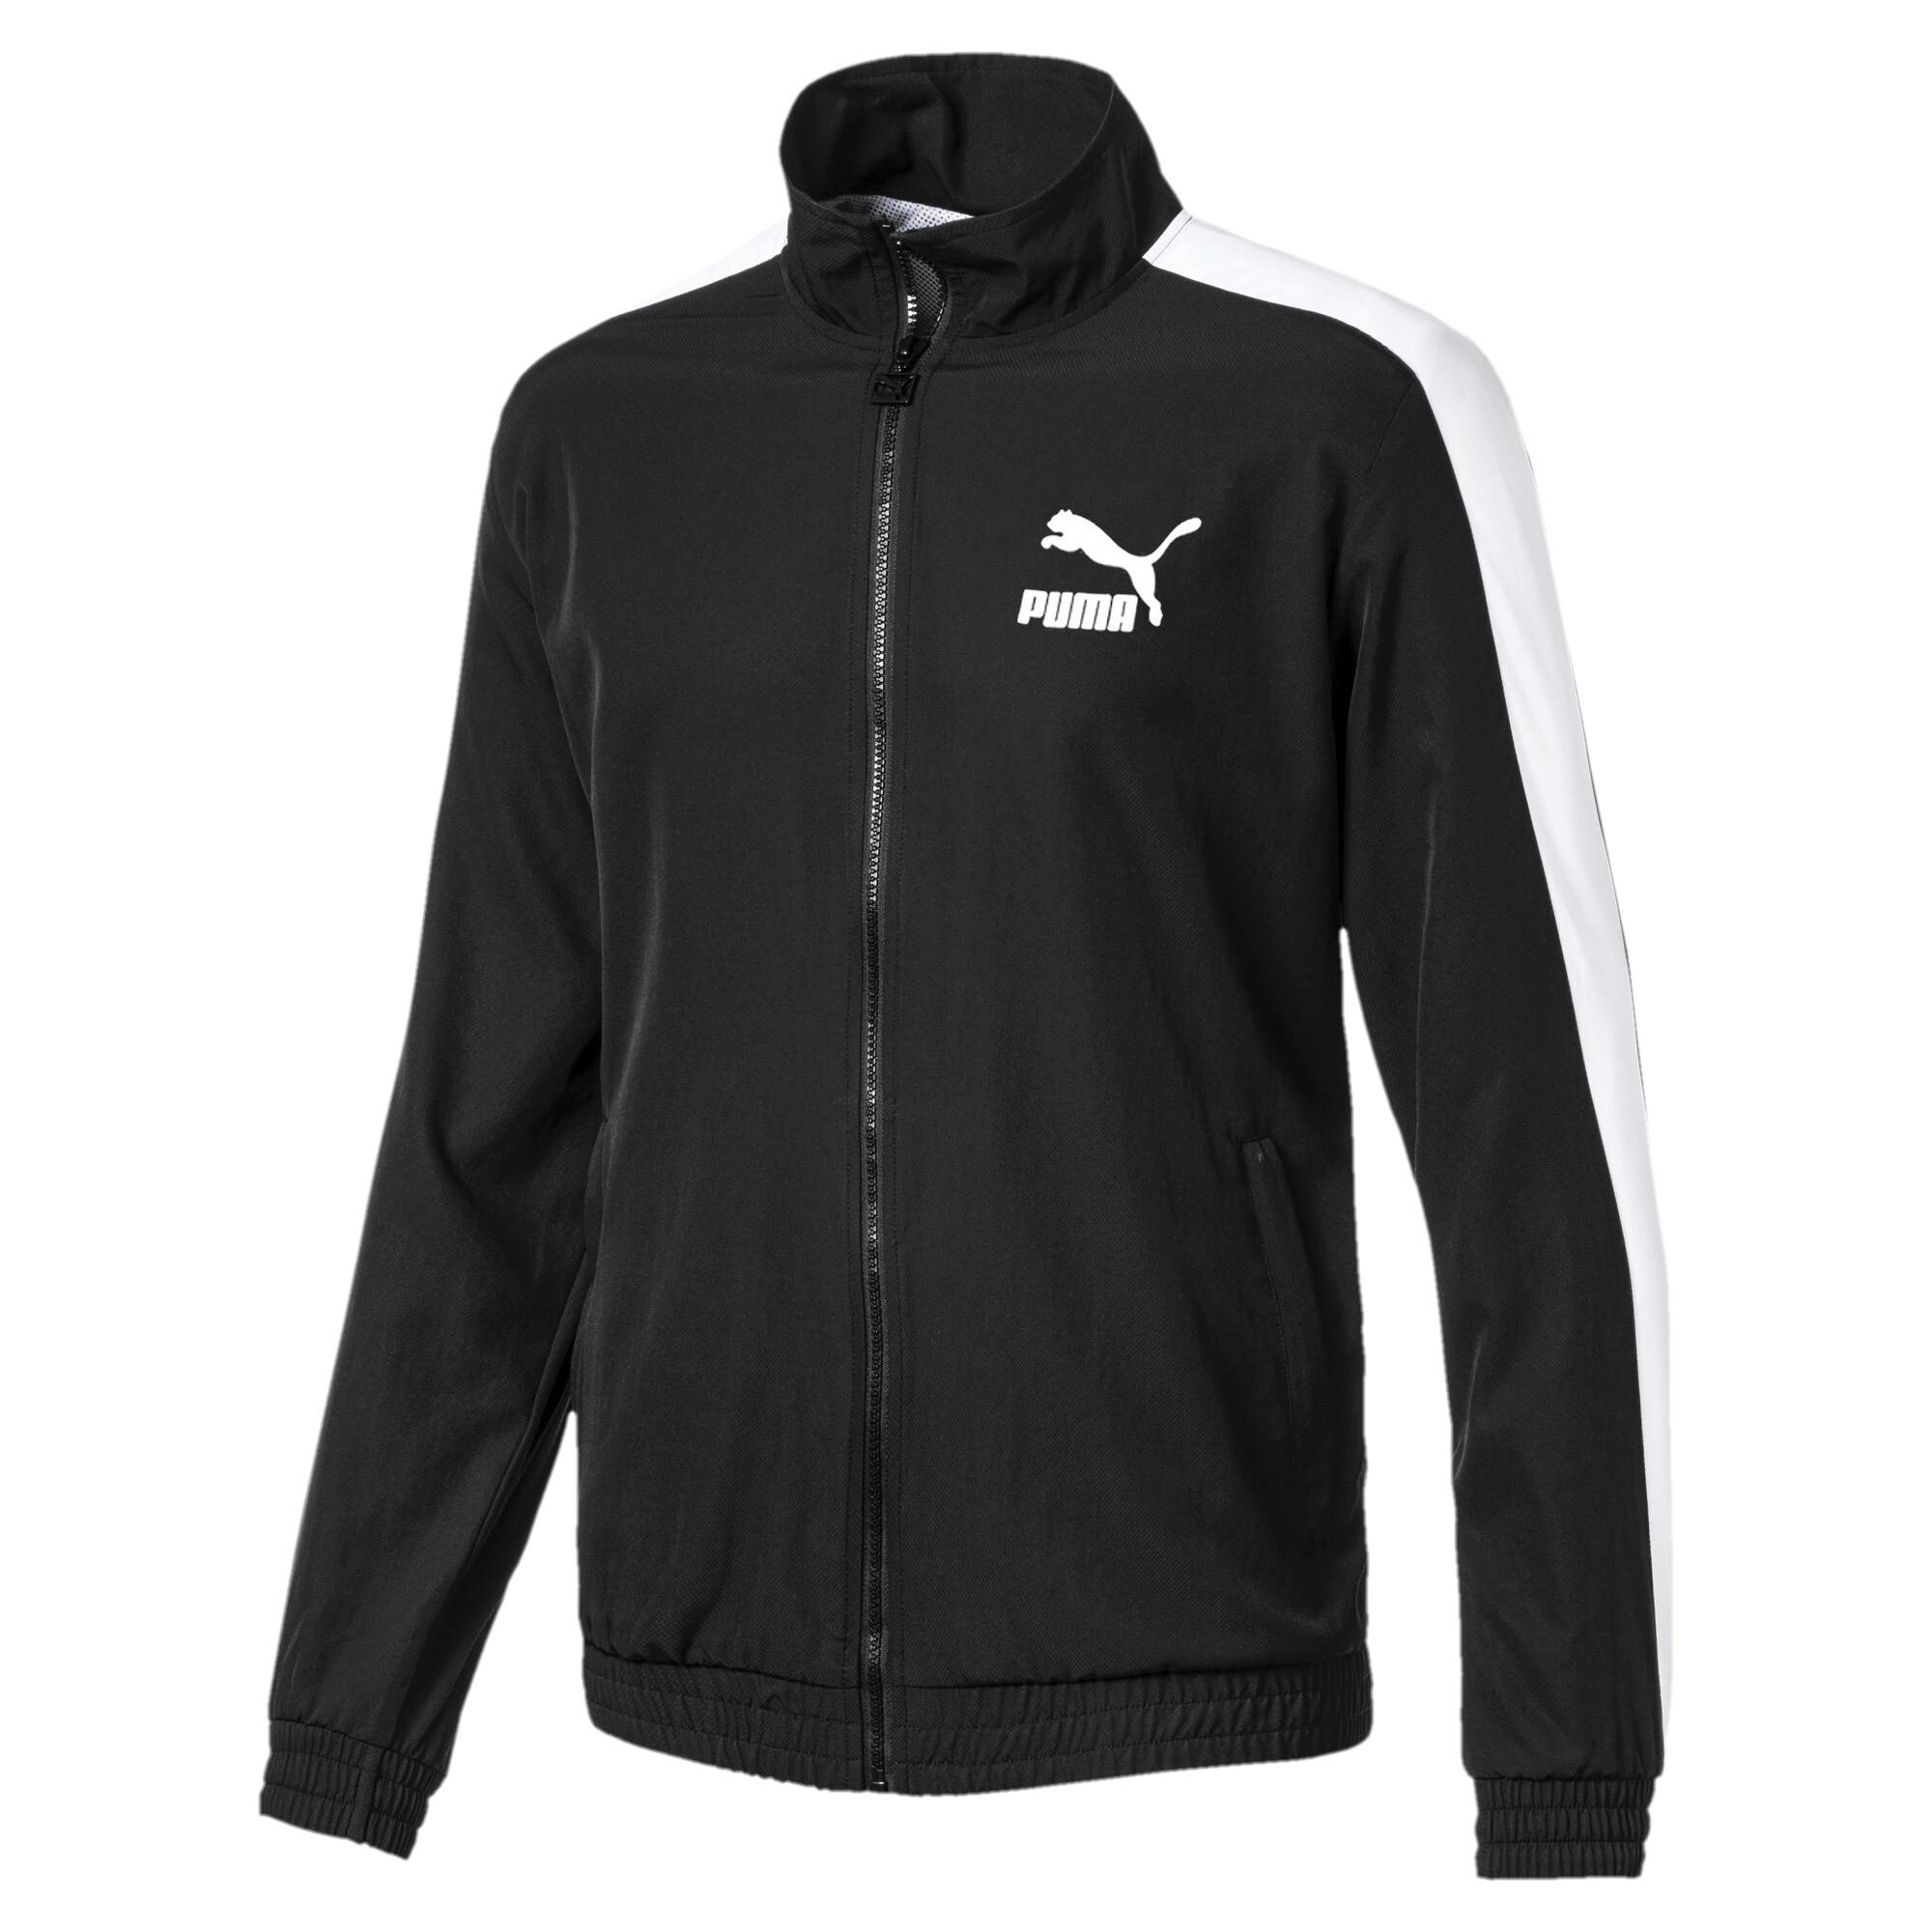 30%OFF!プーマ ICONIC T7 ウーブン トラックジャケット メンズ Puma Black